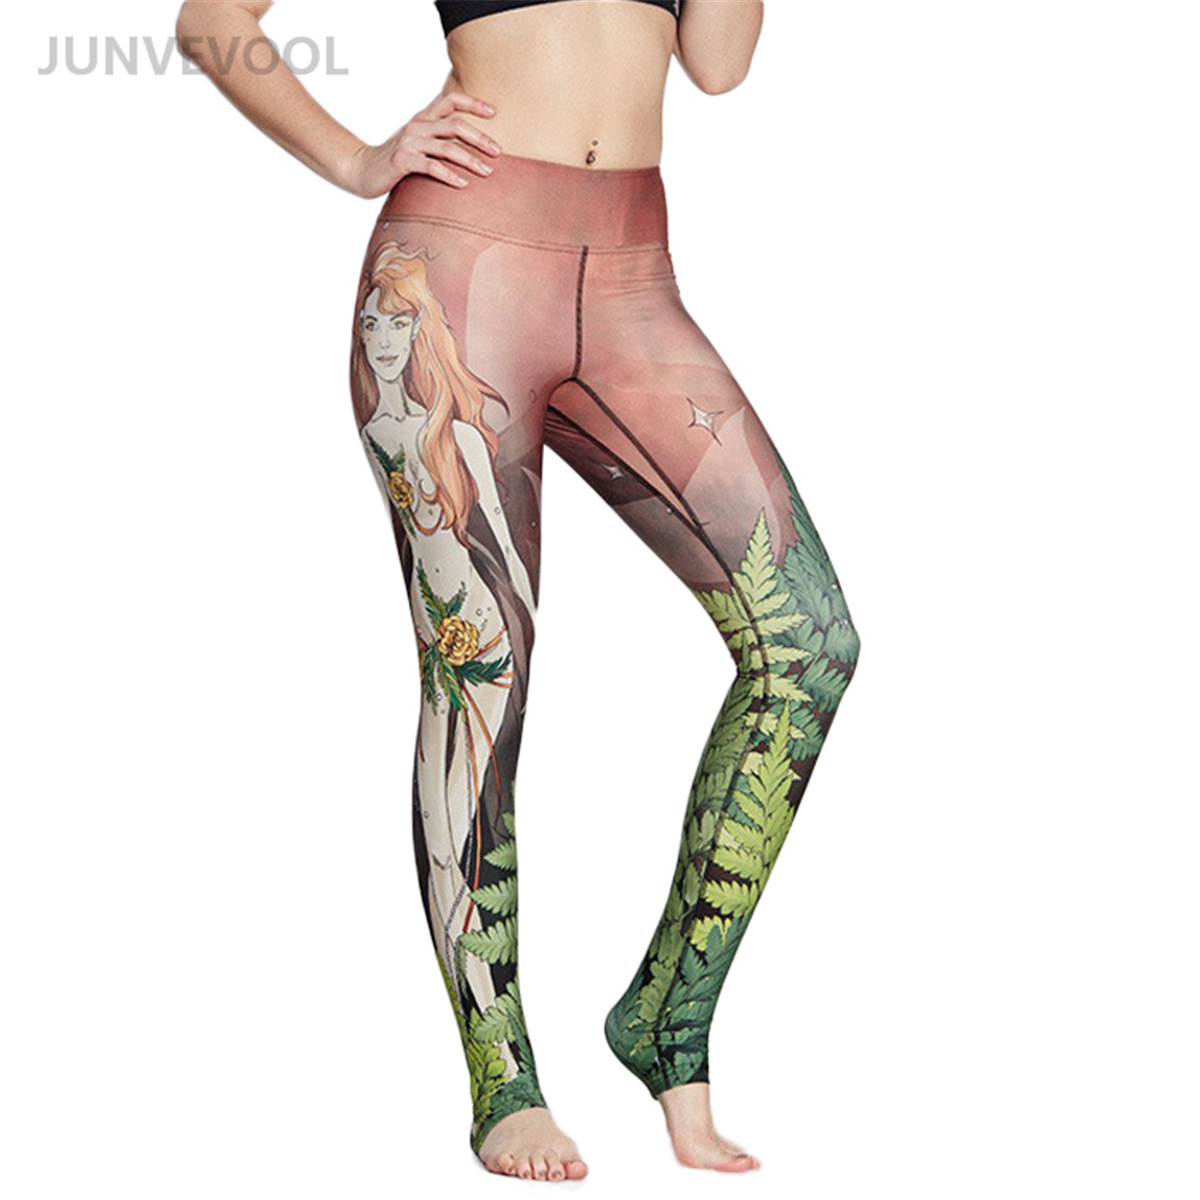 Готический Леггинсы для женщин Для женщин сексуальные печатных тренировки Фитнес леггинсы в стиле панк-рок женский Harajuku брюки эластичные Н...